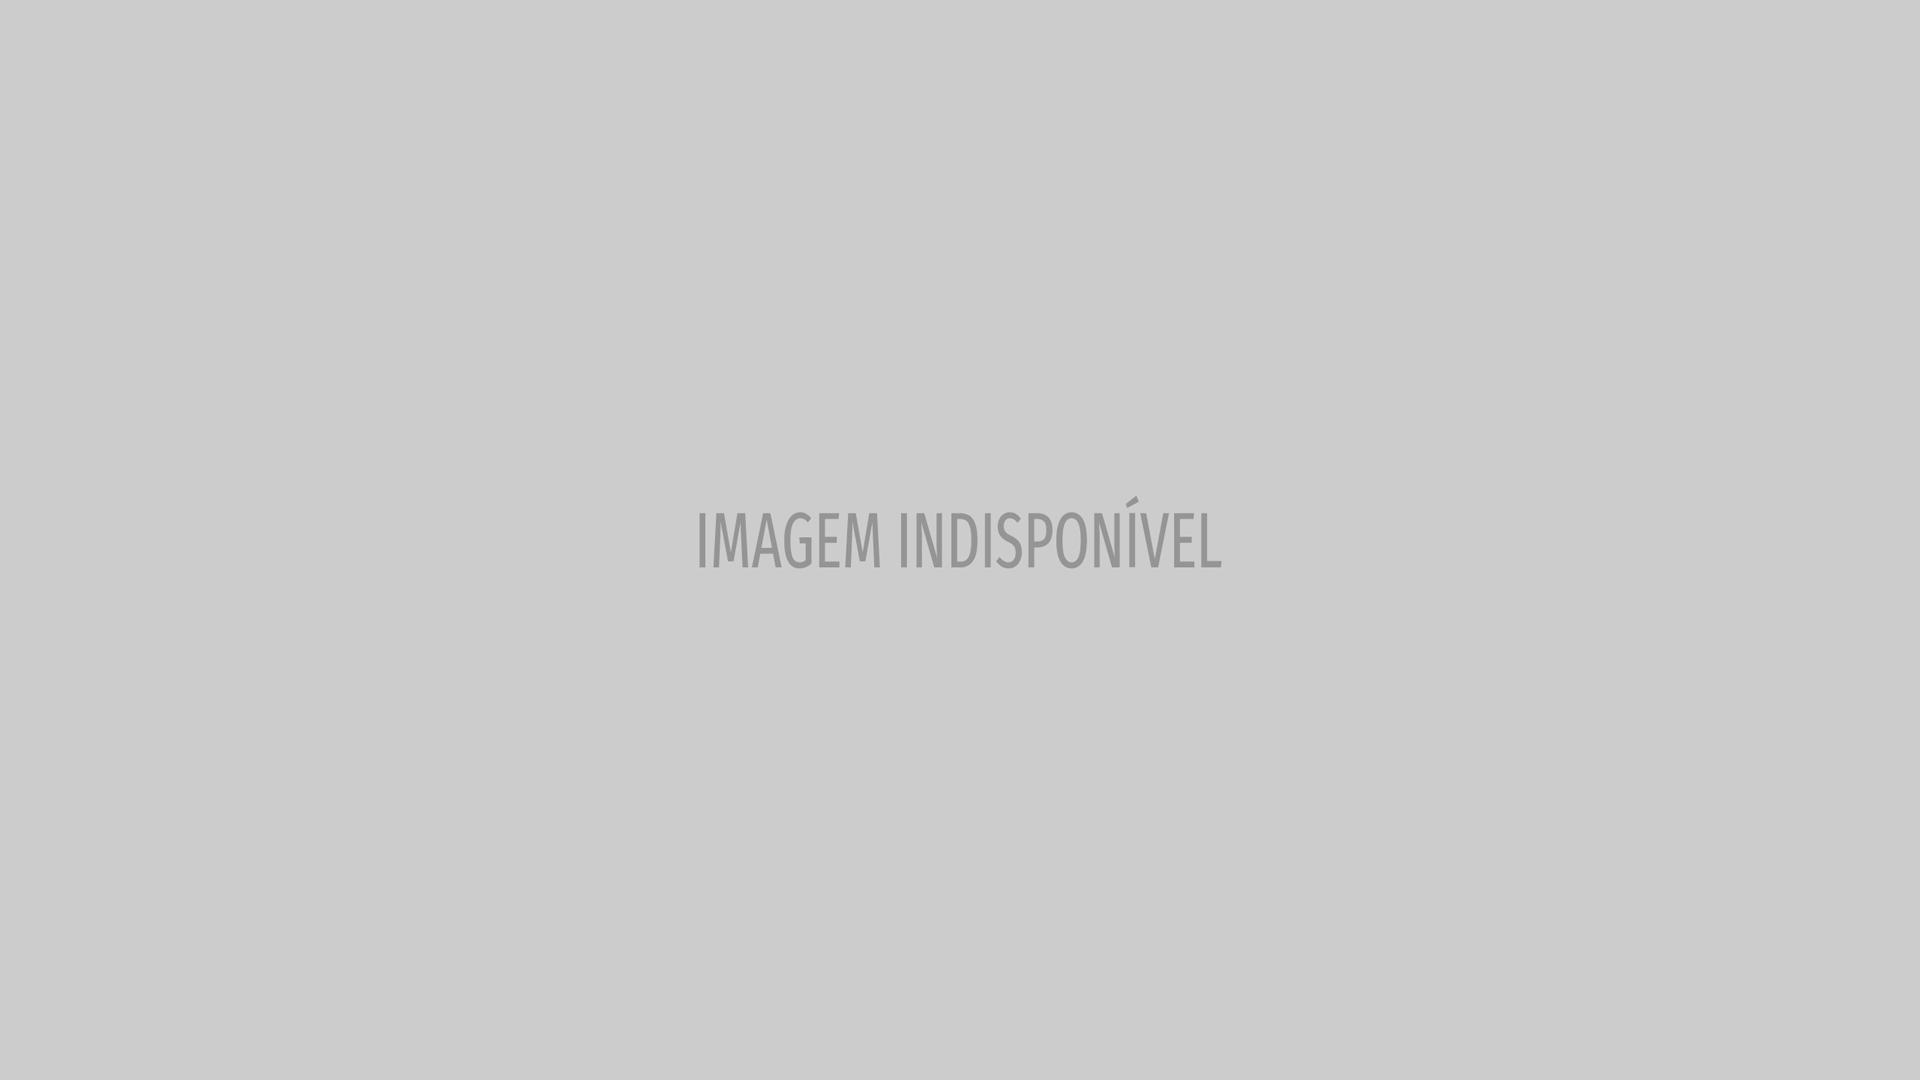 O que terá Marcelo Rebelo de Sousa dito ao ouvido de Teresa Guilherme?